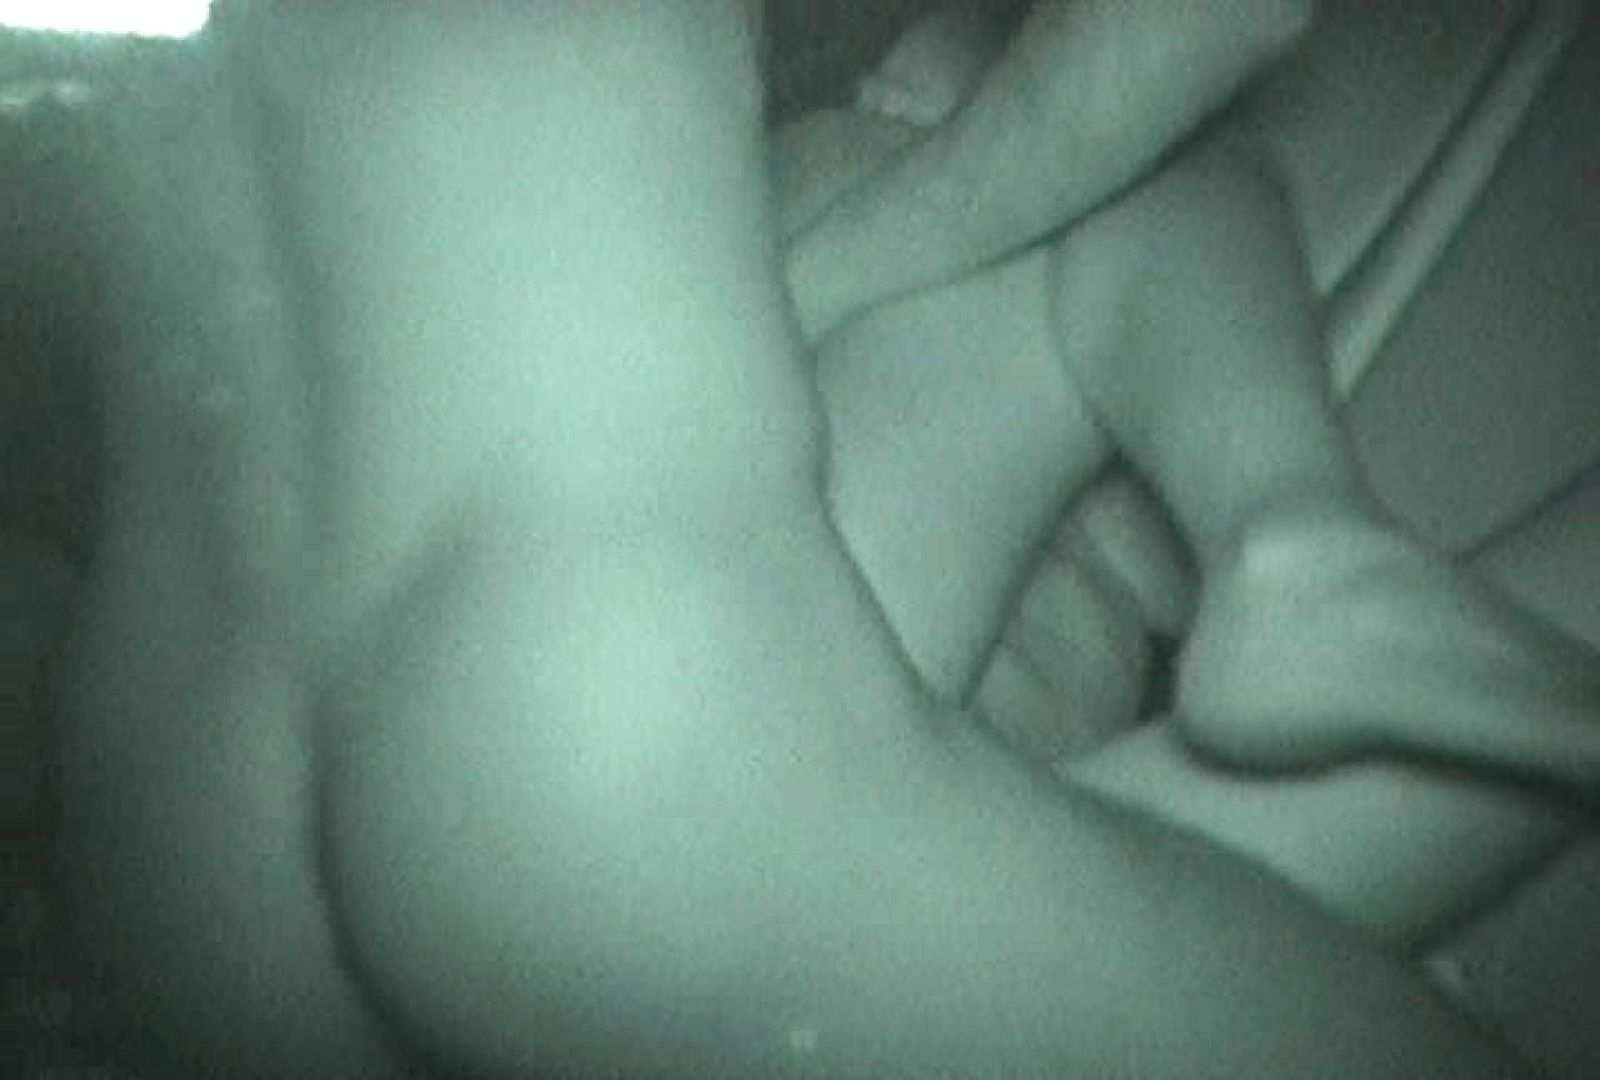 充血監督の深夜の運動会Vol.91 マンコ無修正 盗み撮りオマンコ動画キャプチャ 102画像 65